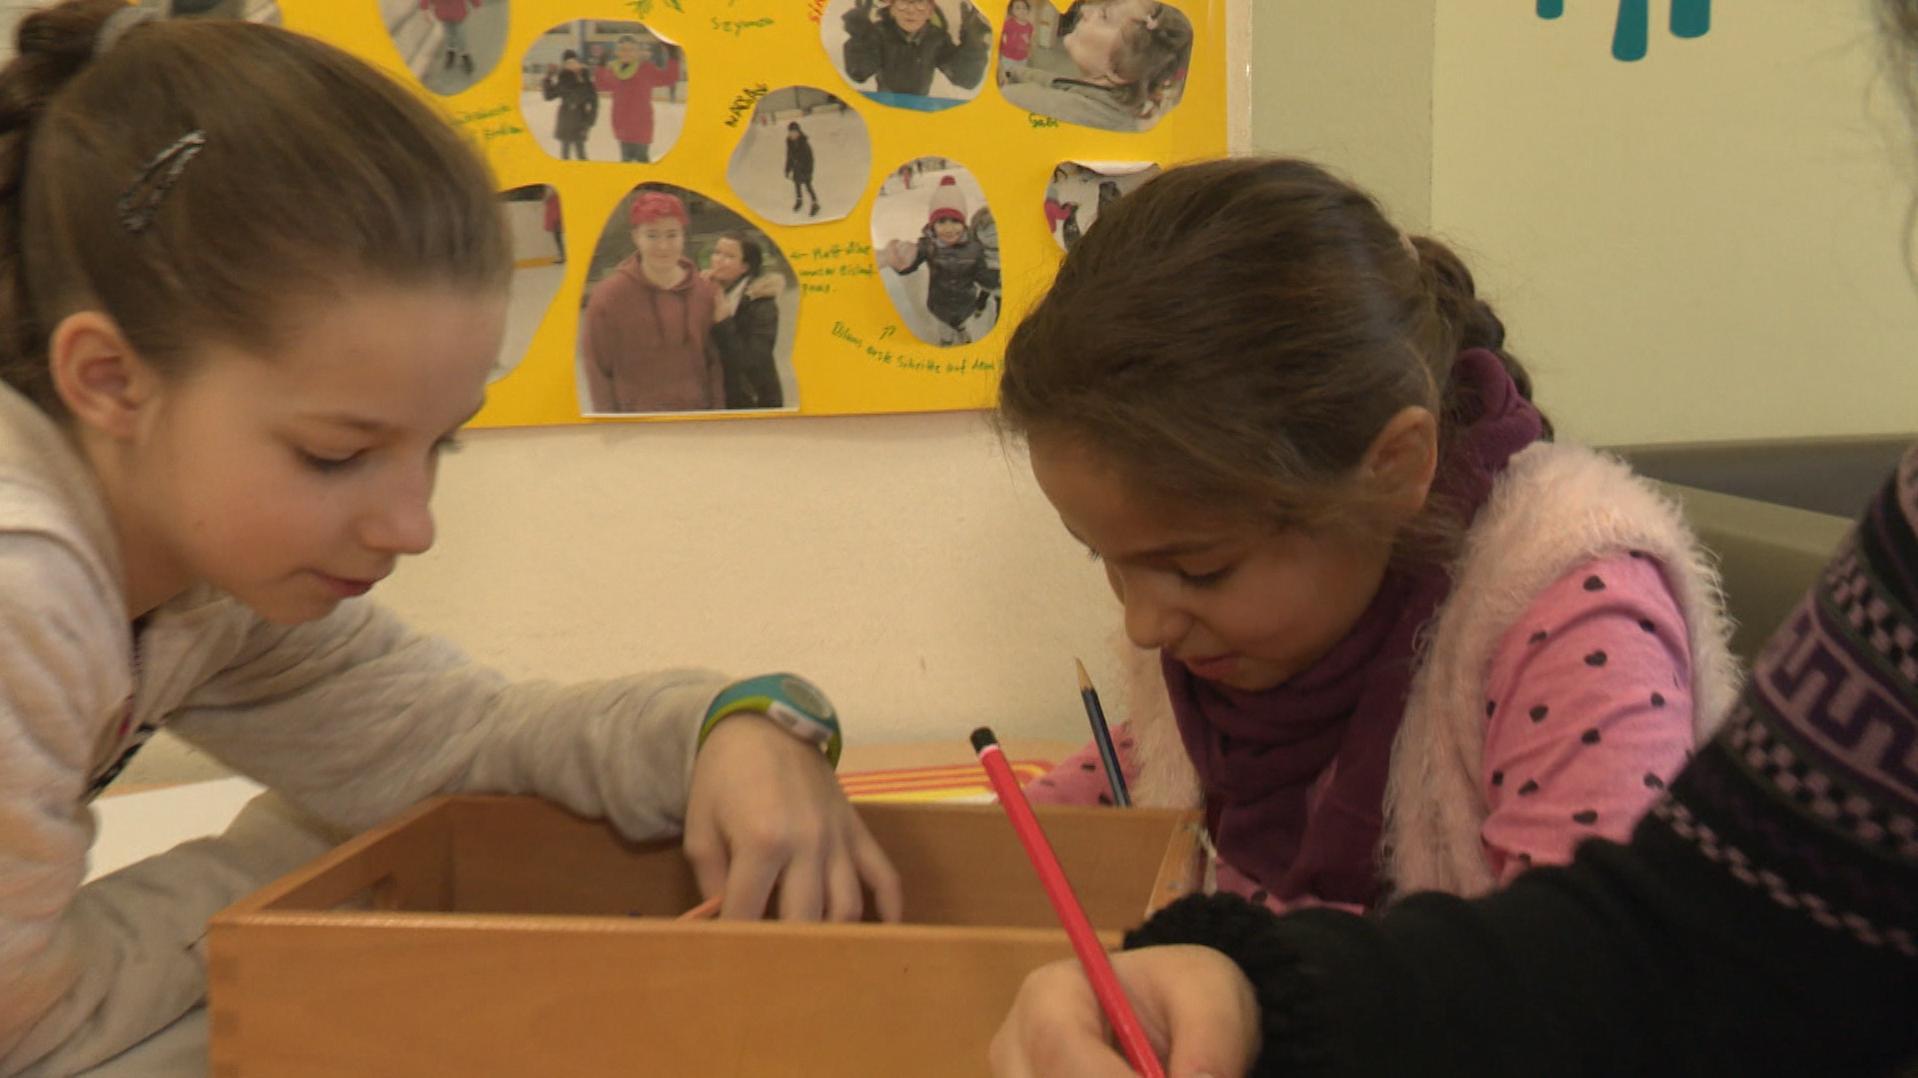 Zwei Mädchen sitzen zusammen an einem Tisch